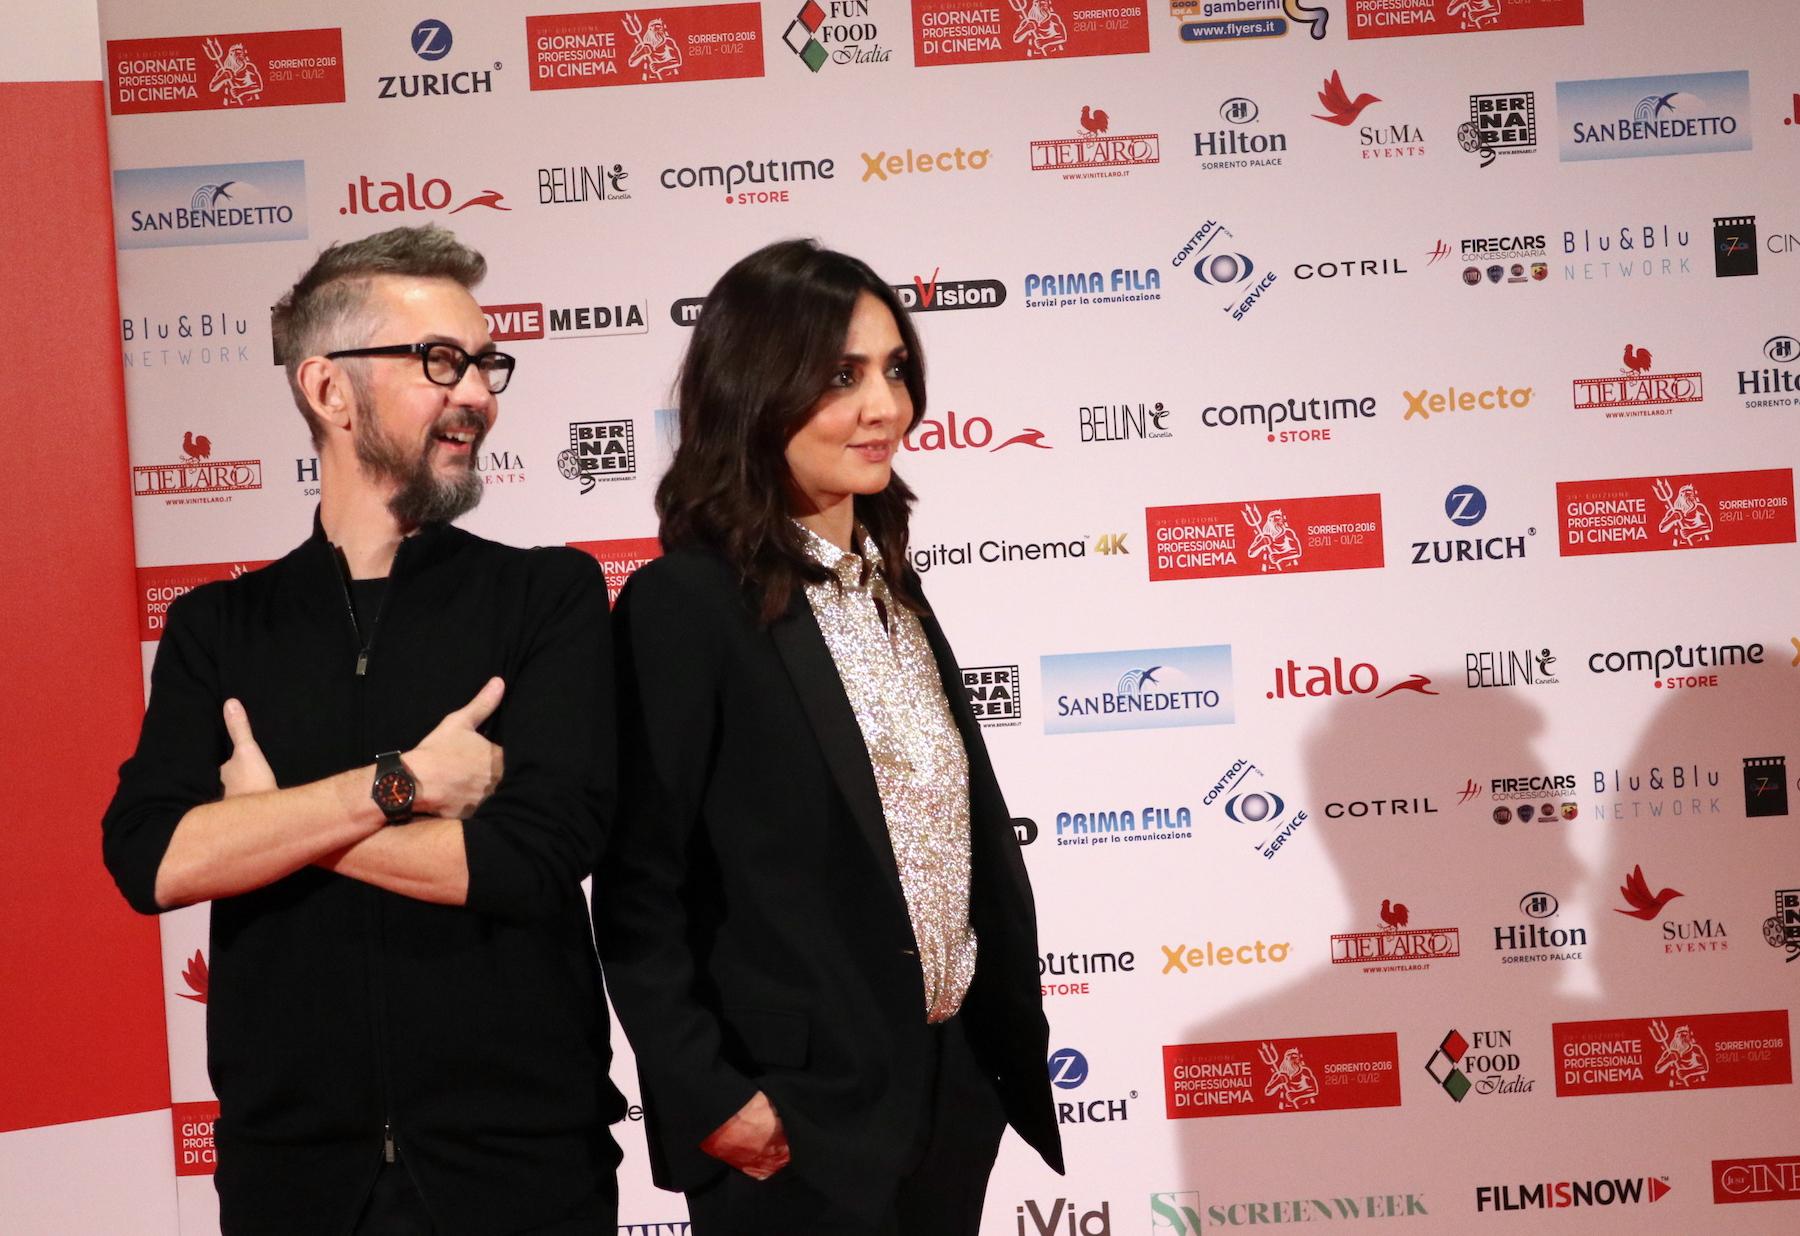 La verità, vi spiego, sull'amore: uno scatto di Ambra Angiolini e Max Croci alle giornate professionali del cinema di Sorrento